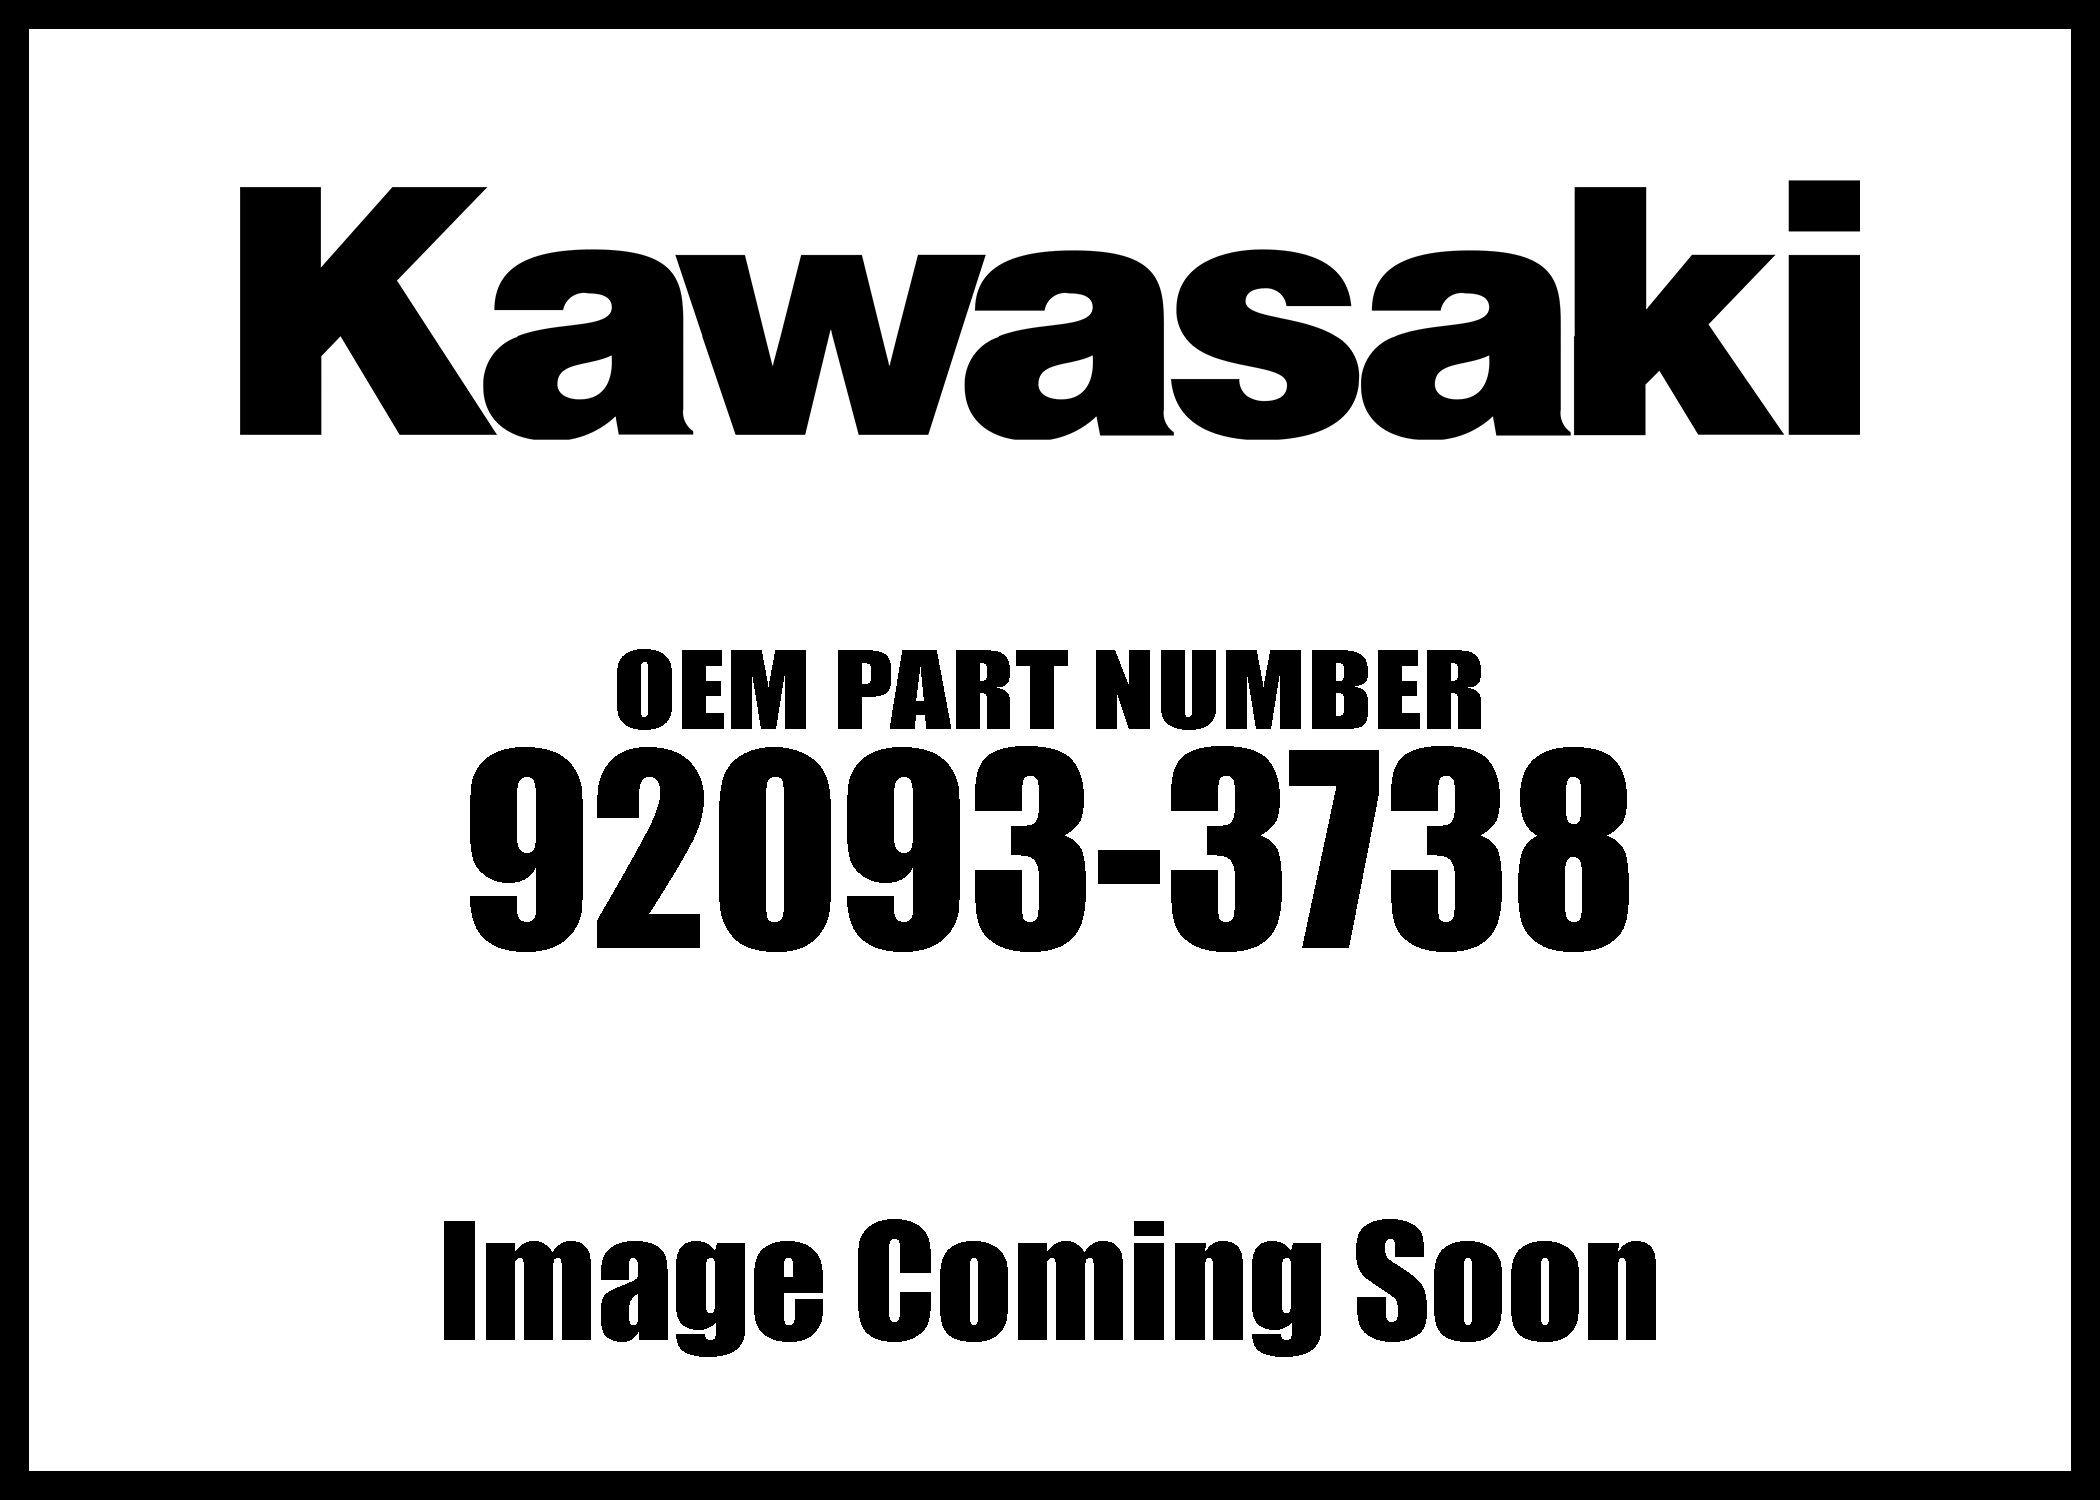 Kawasaki 1992-1999 Jet Ski 750 Ss Jet Ski Super Sport Xi Seal 92093-3738 New Oem